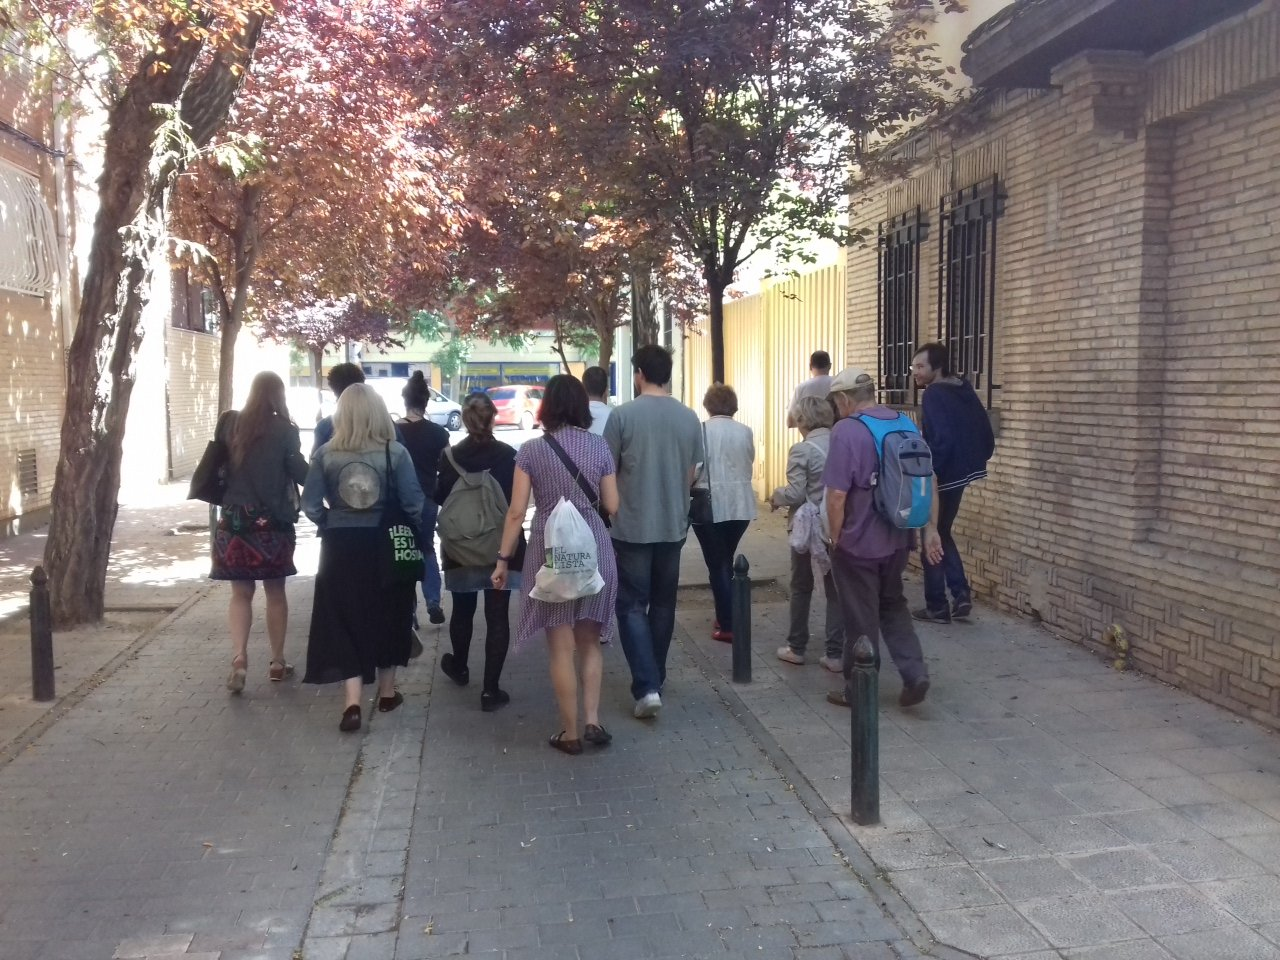 Campos y una acequia descubierta en la memoria de la gente mayor del barrio de #LasFuentes #PaseodeJane https://t.co/eMcvOHlHVR